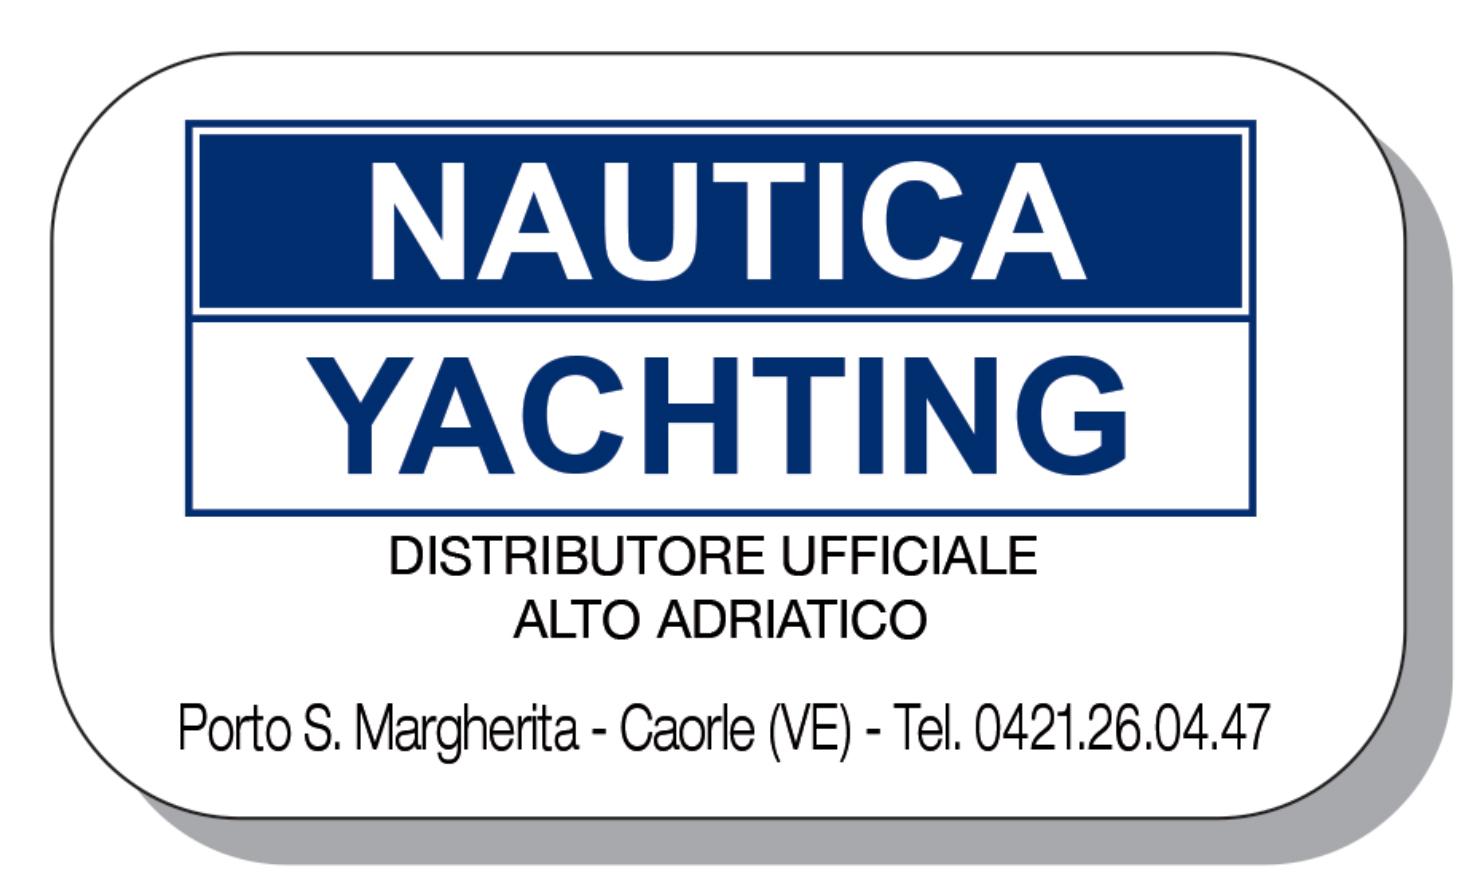 NAUTICA YACHTING